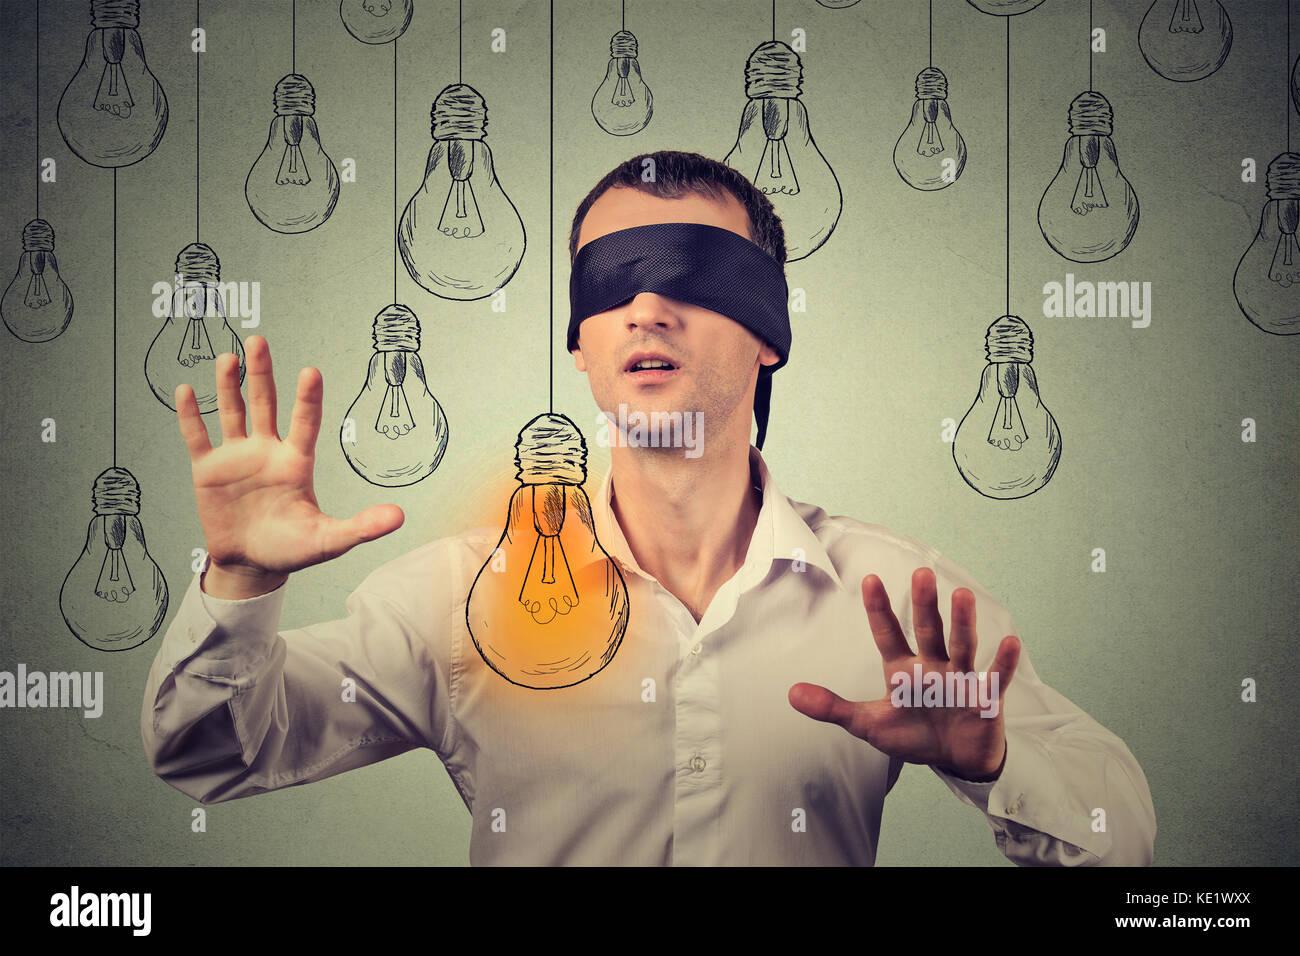 Con los ojos vendados joven caminar a través de las bombillas buscando idea brillante Imagen De Stock